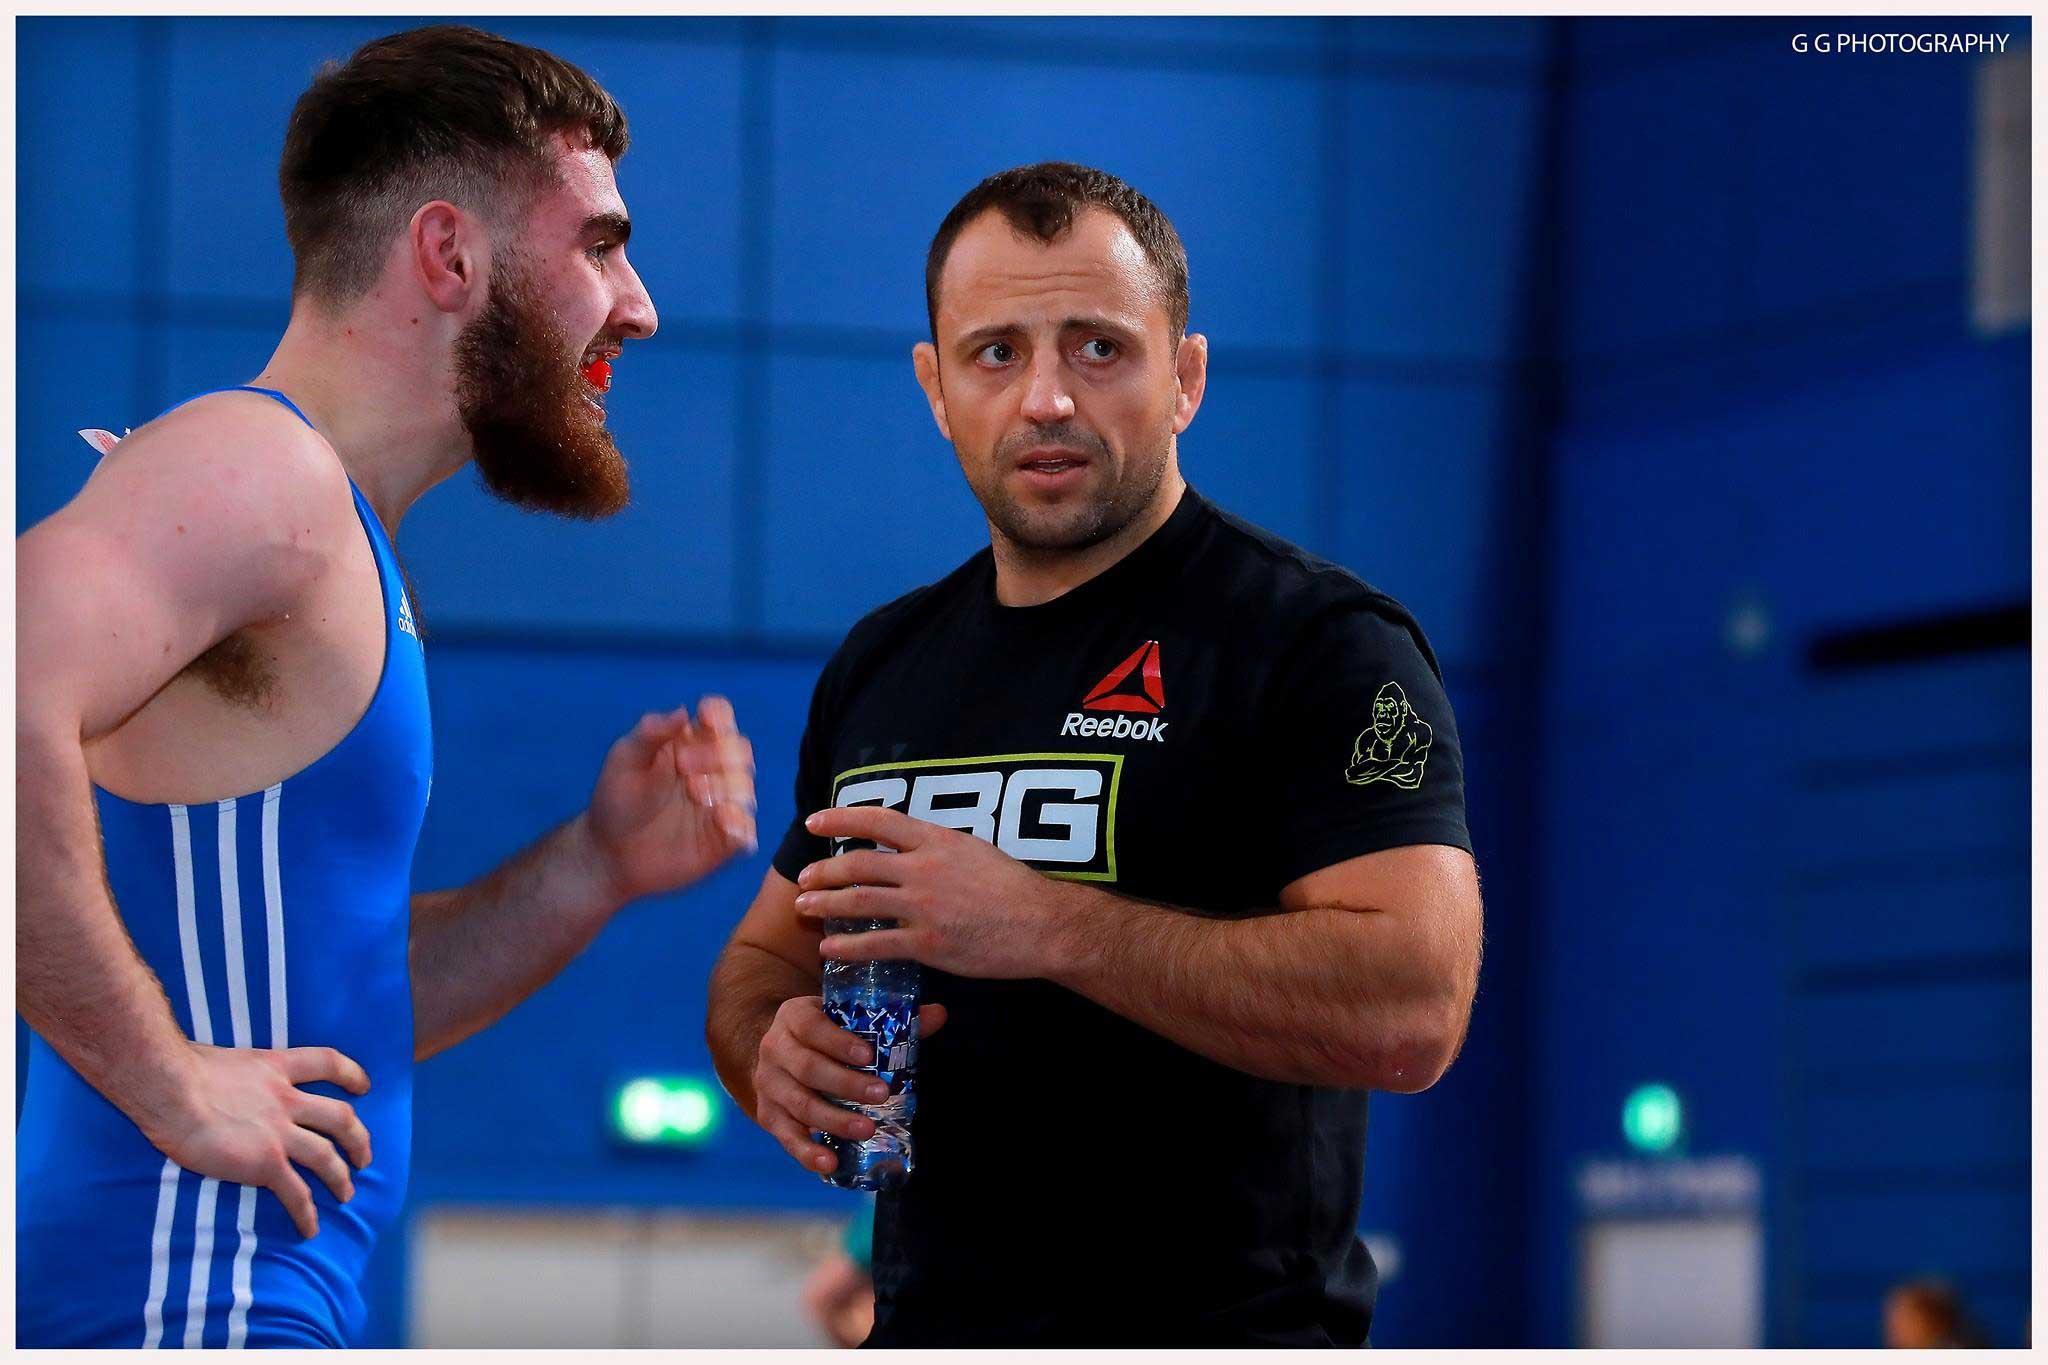 Guest coach Sergey Pikulskiy